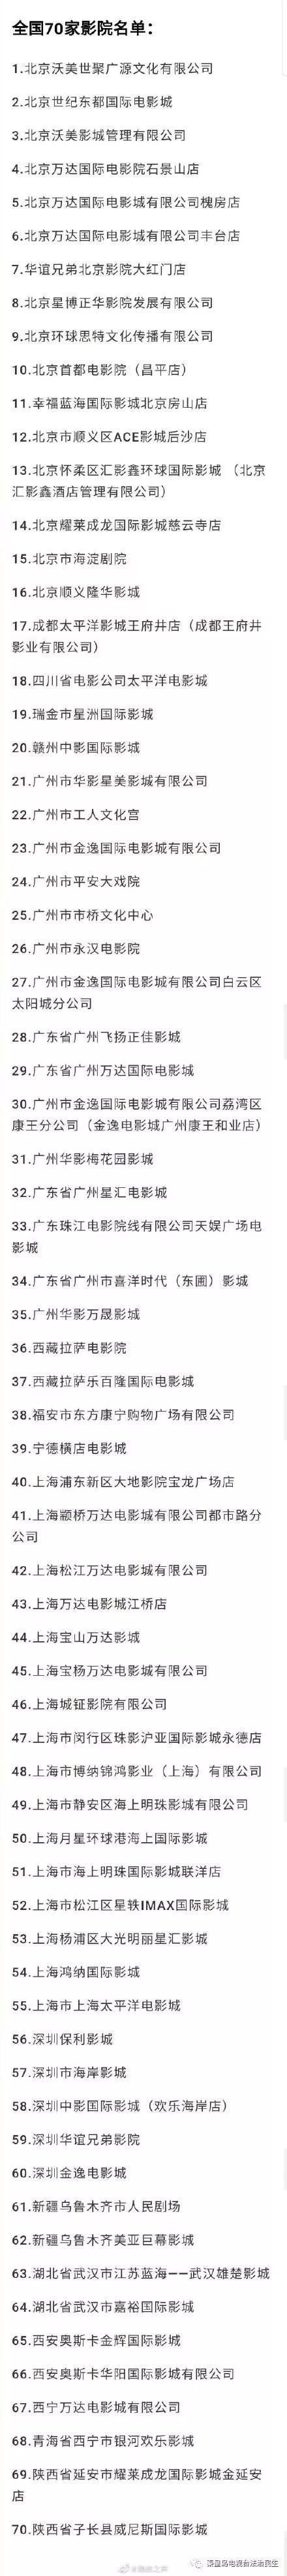 2019国庆阅兵直播时间及直播阵容